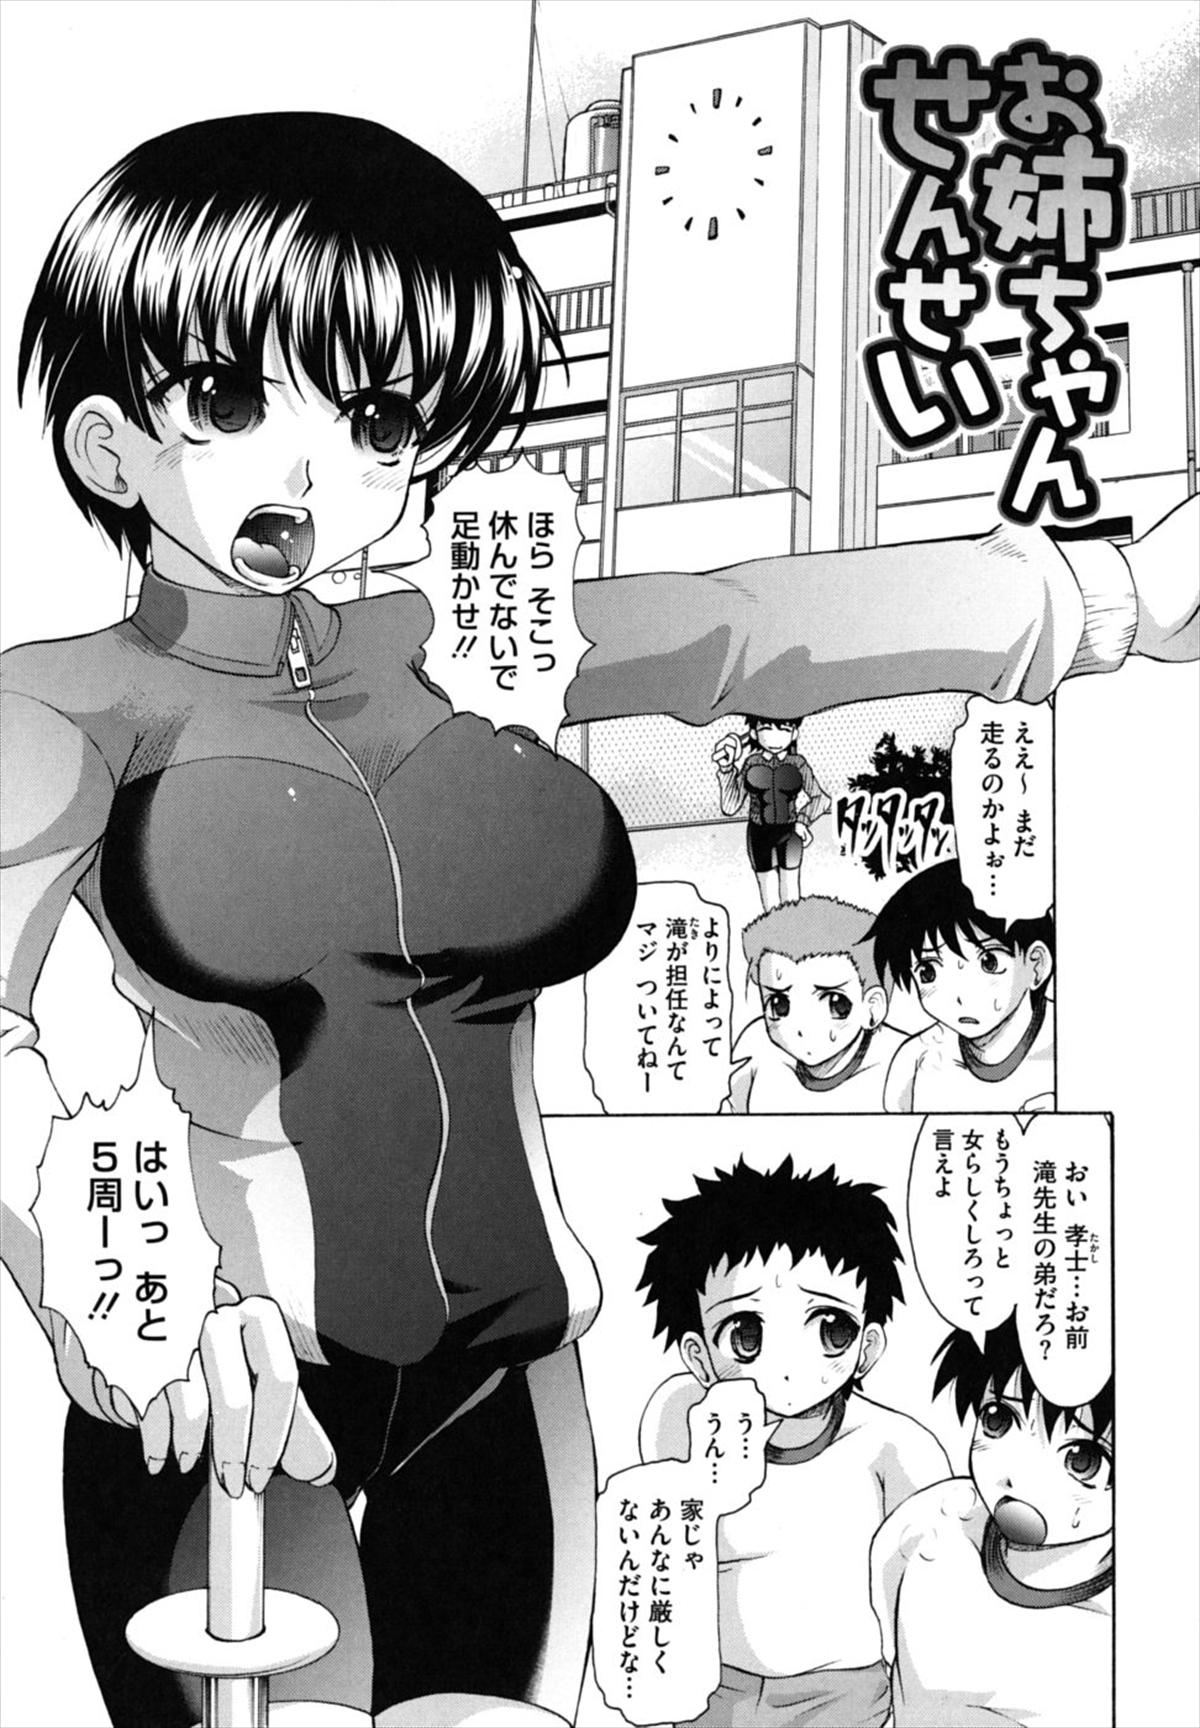 [神保ひとで] お姉ちゃんせんせい (1)